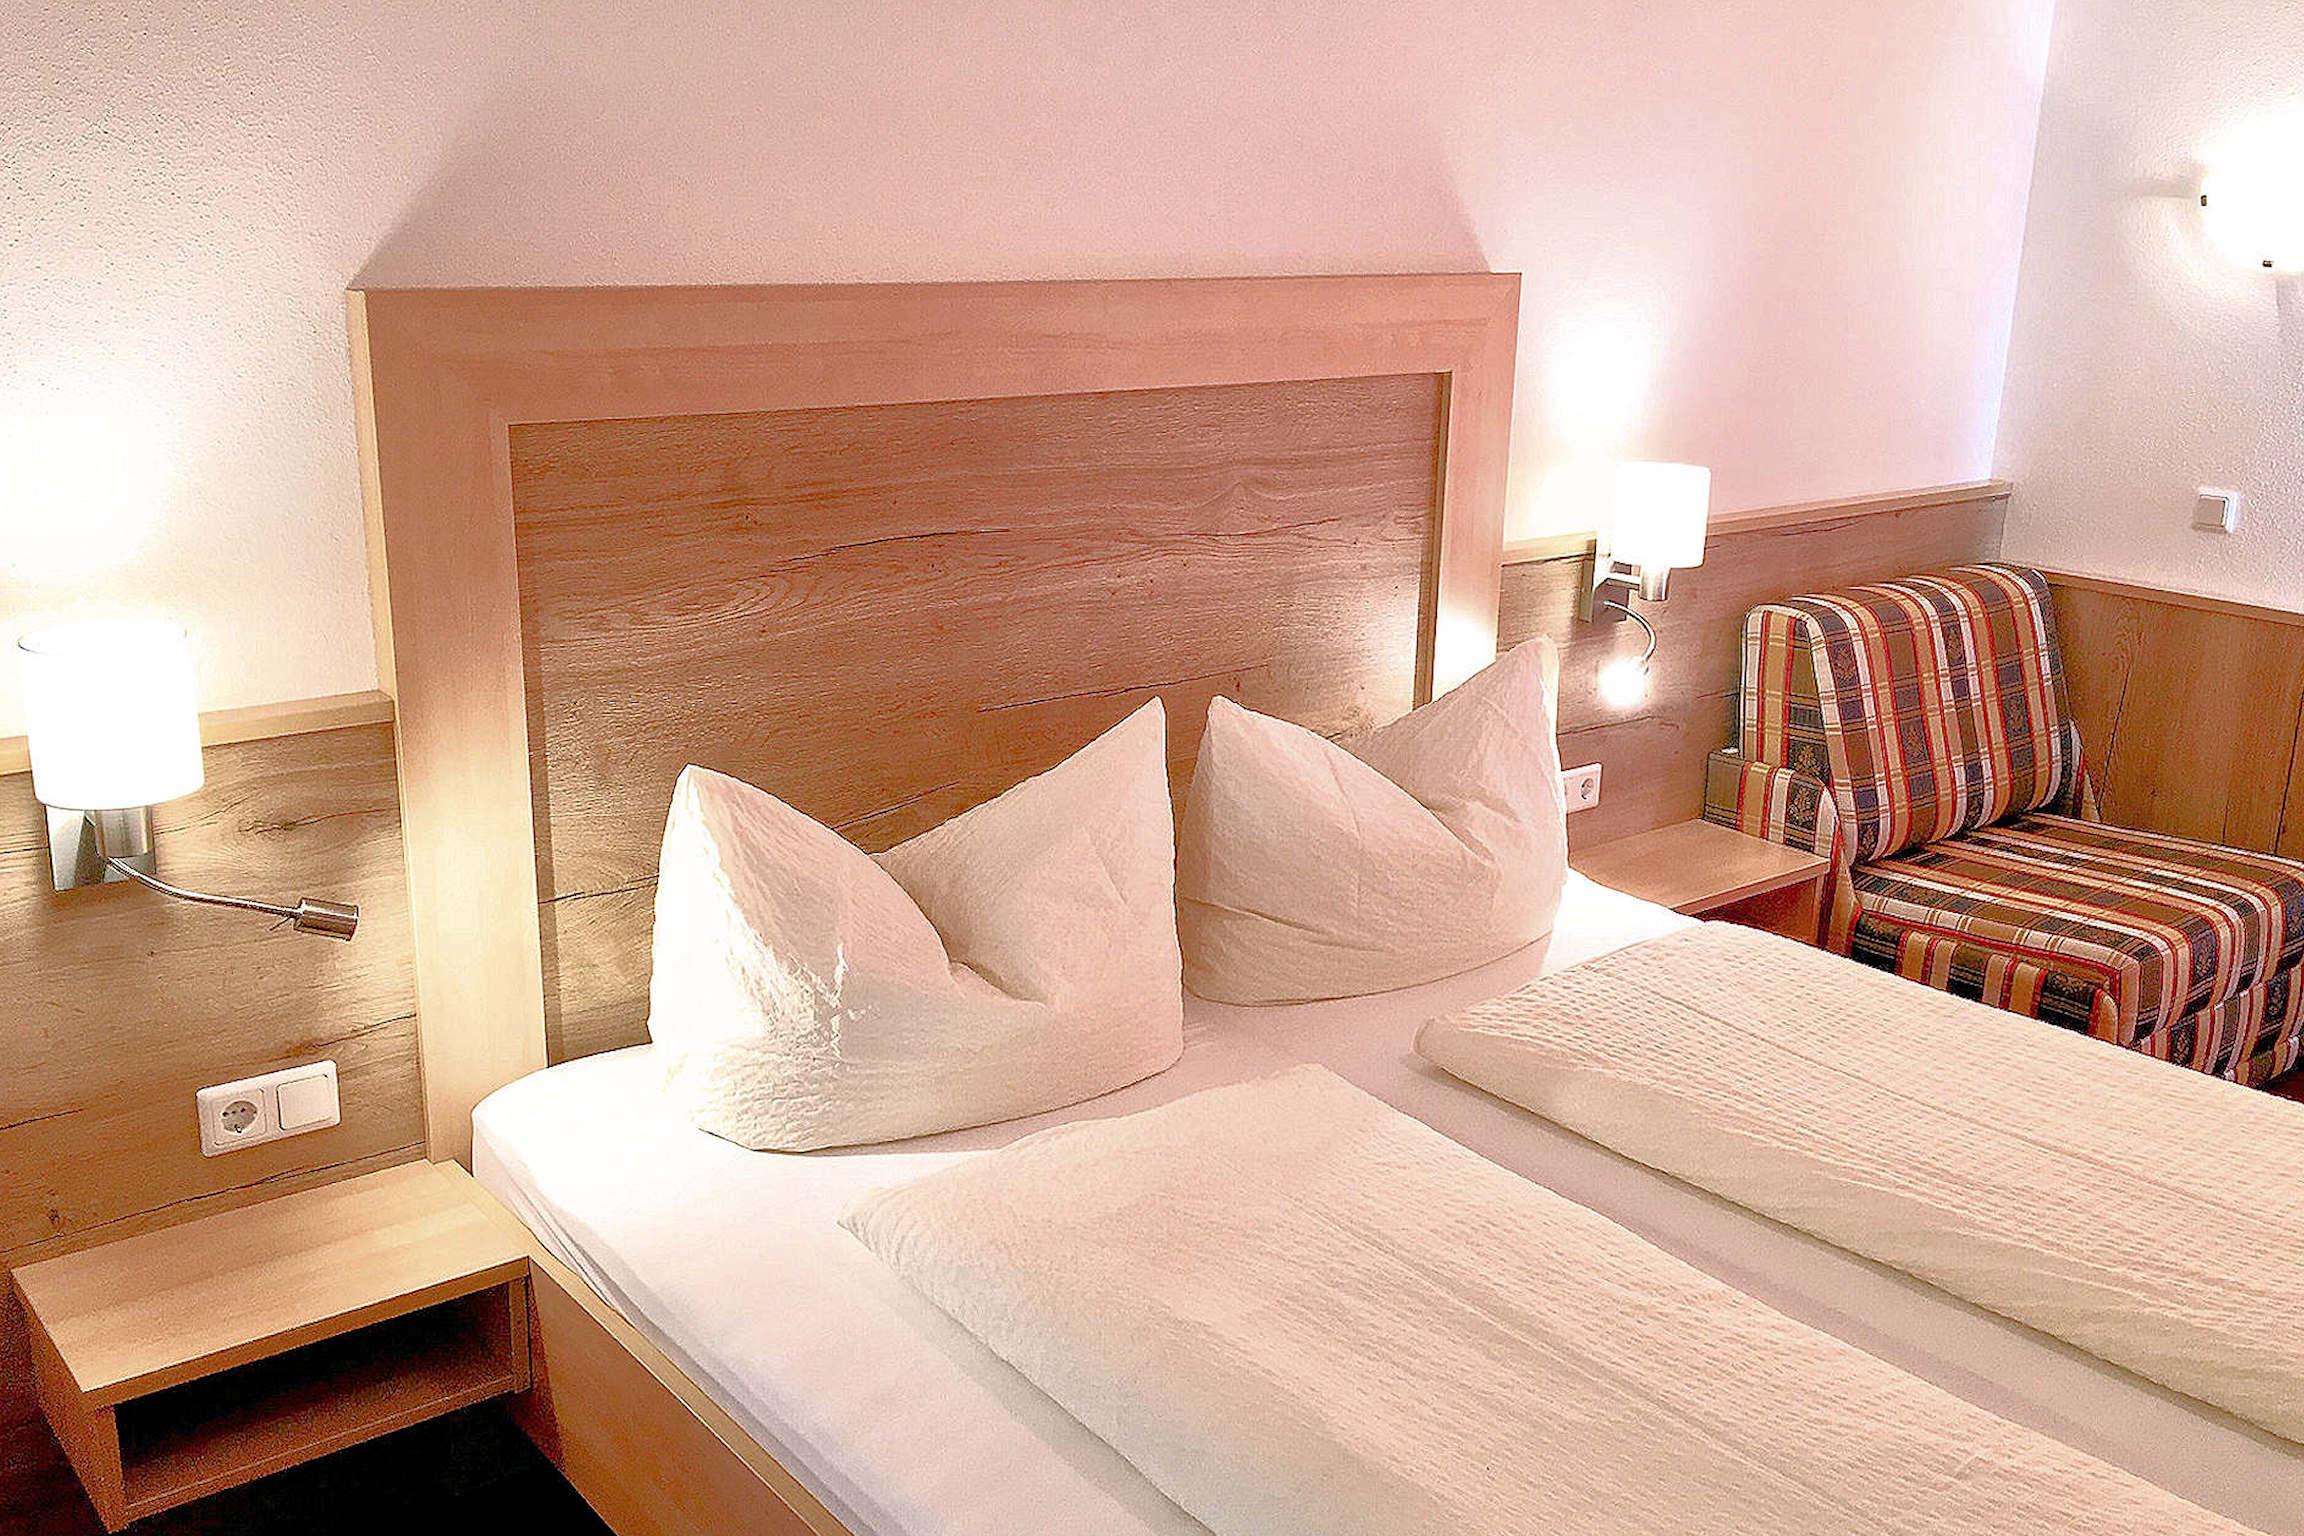 Gemütlich eingerichtetes Schlafzimmer mit Schlafsofa